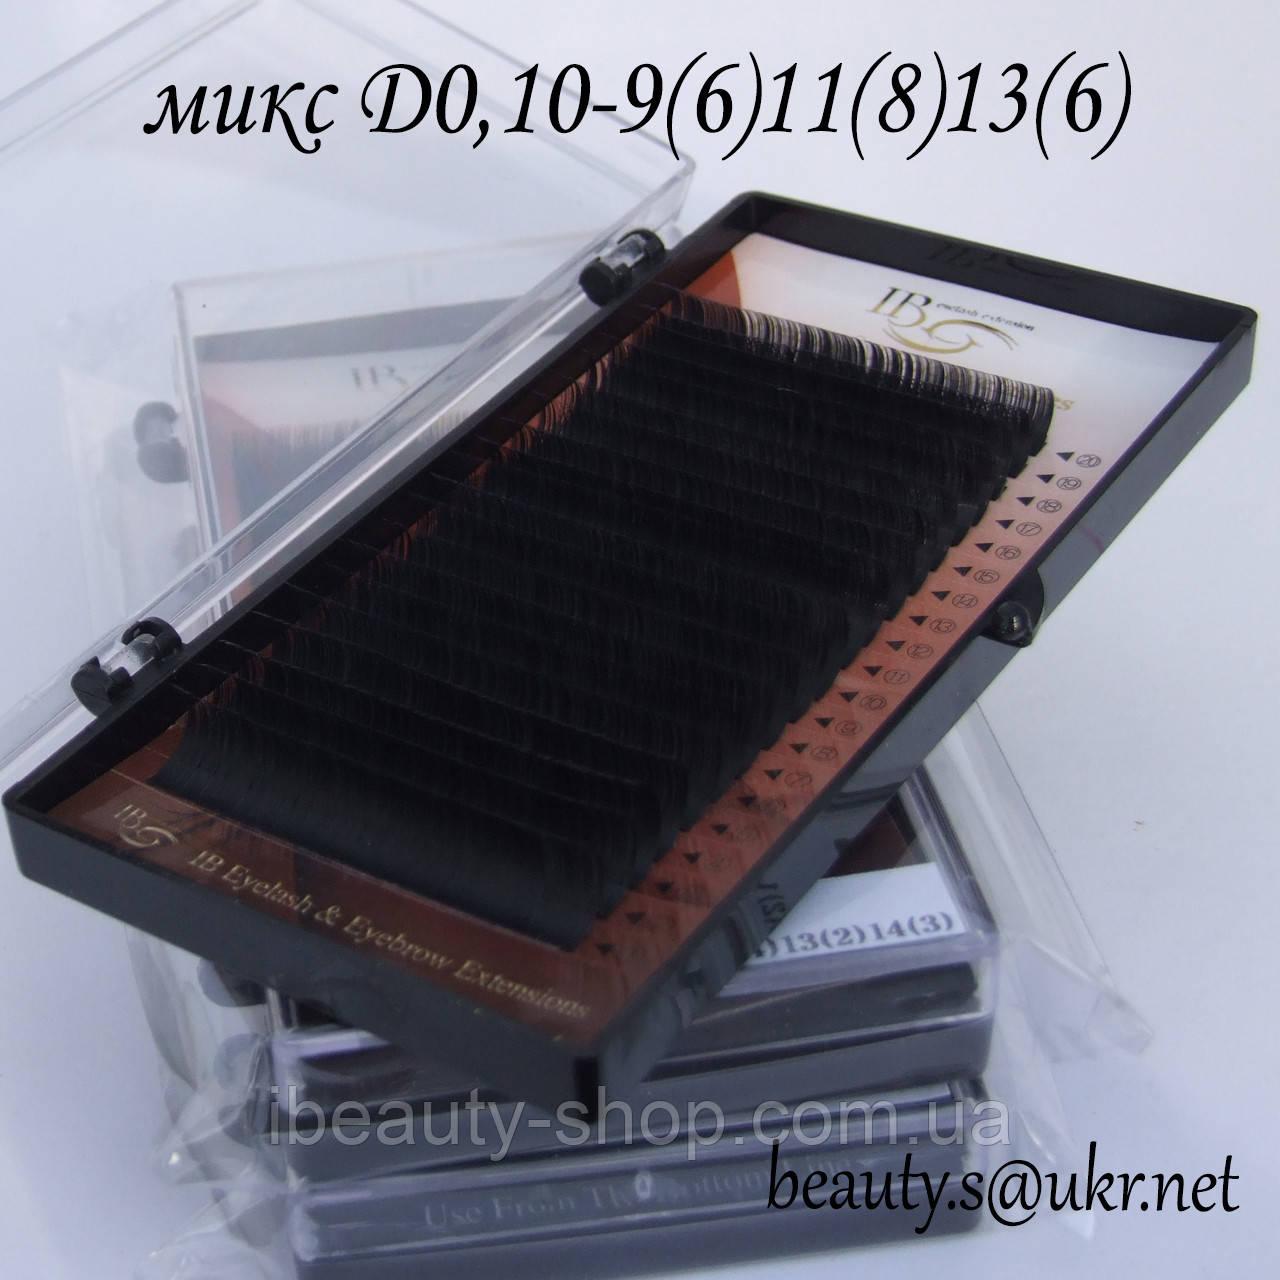 Ресницы I-Beauty микс D-0,10 9-11-13мм